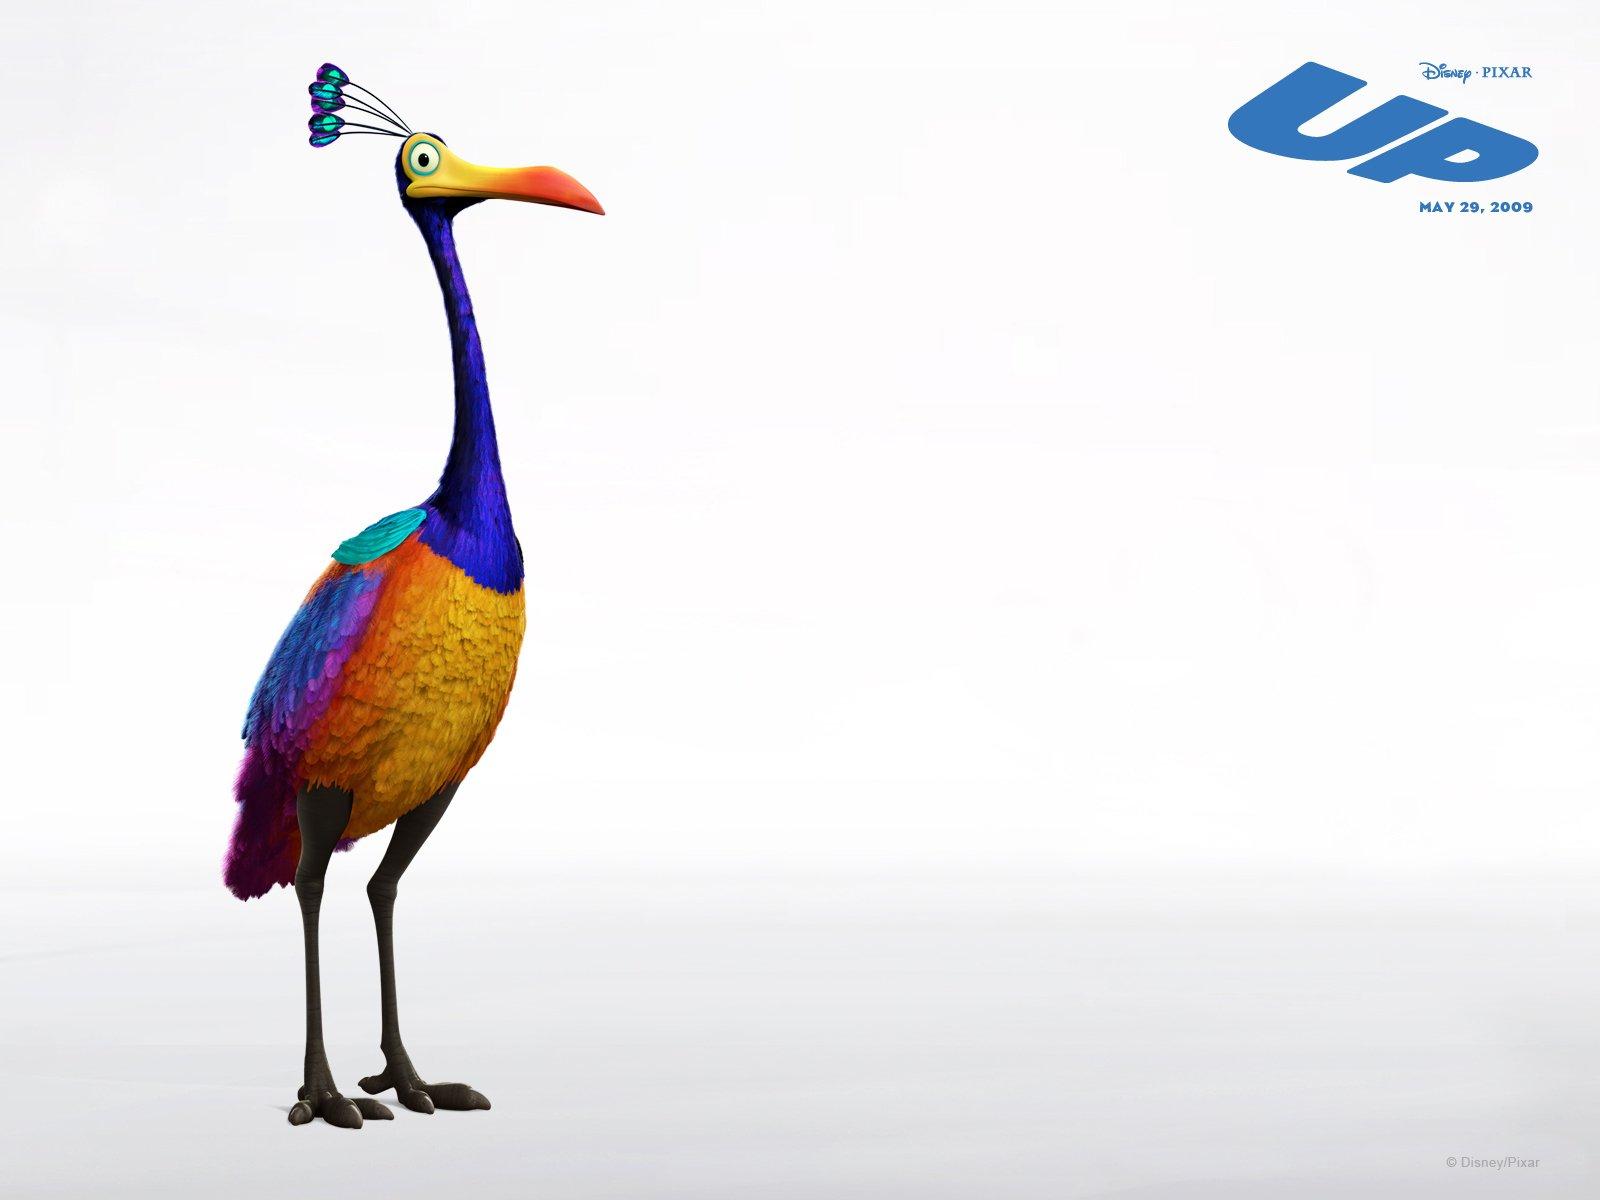 Wallpaper téléphone LàHaut Natacha Birds